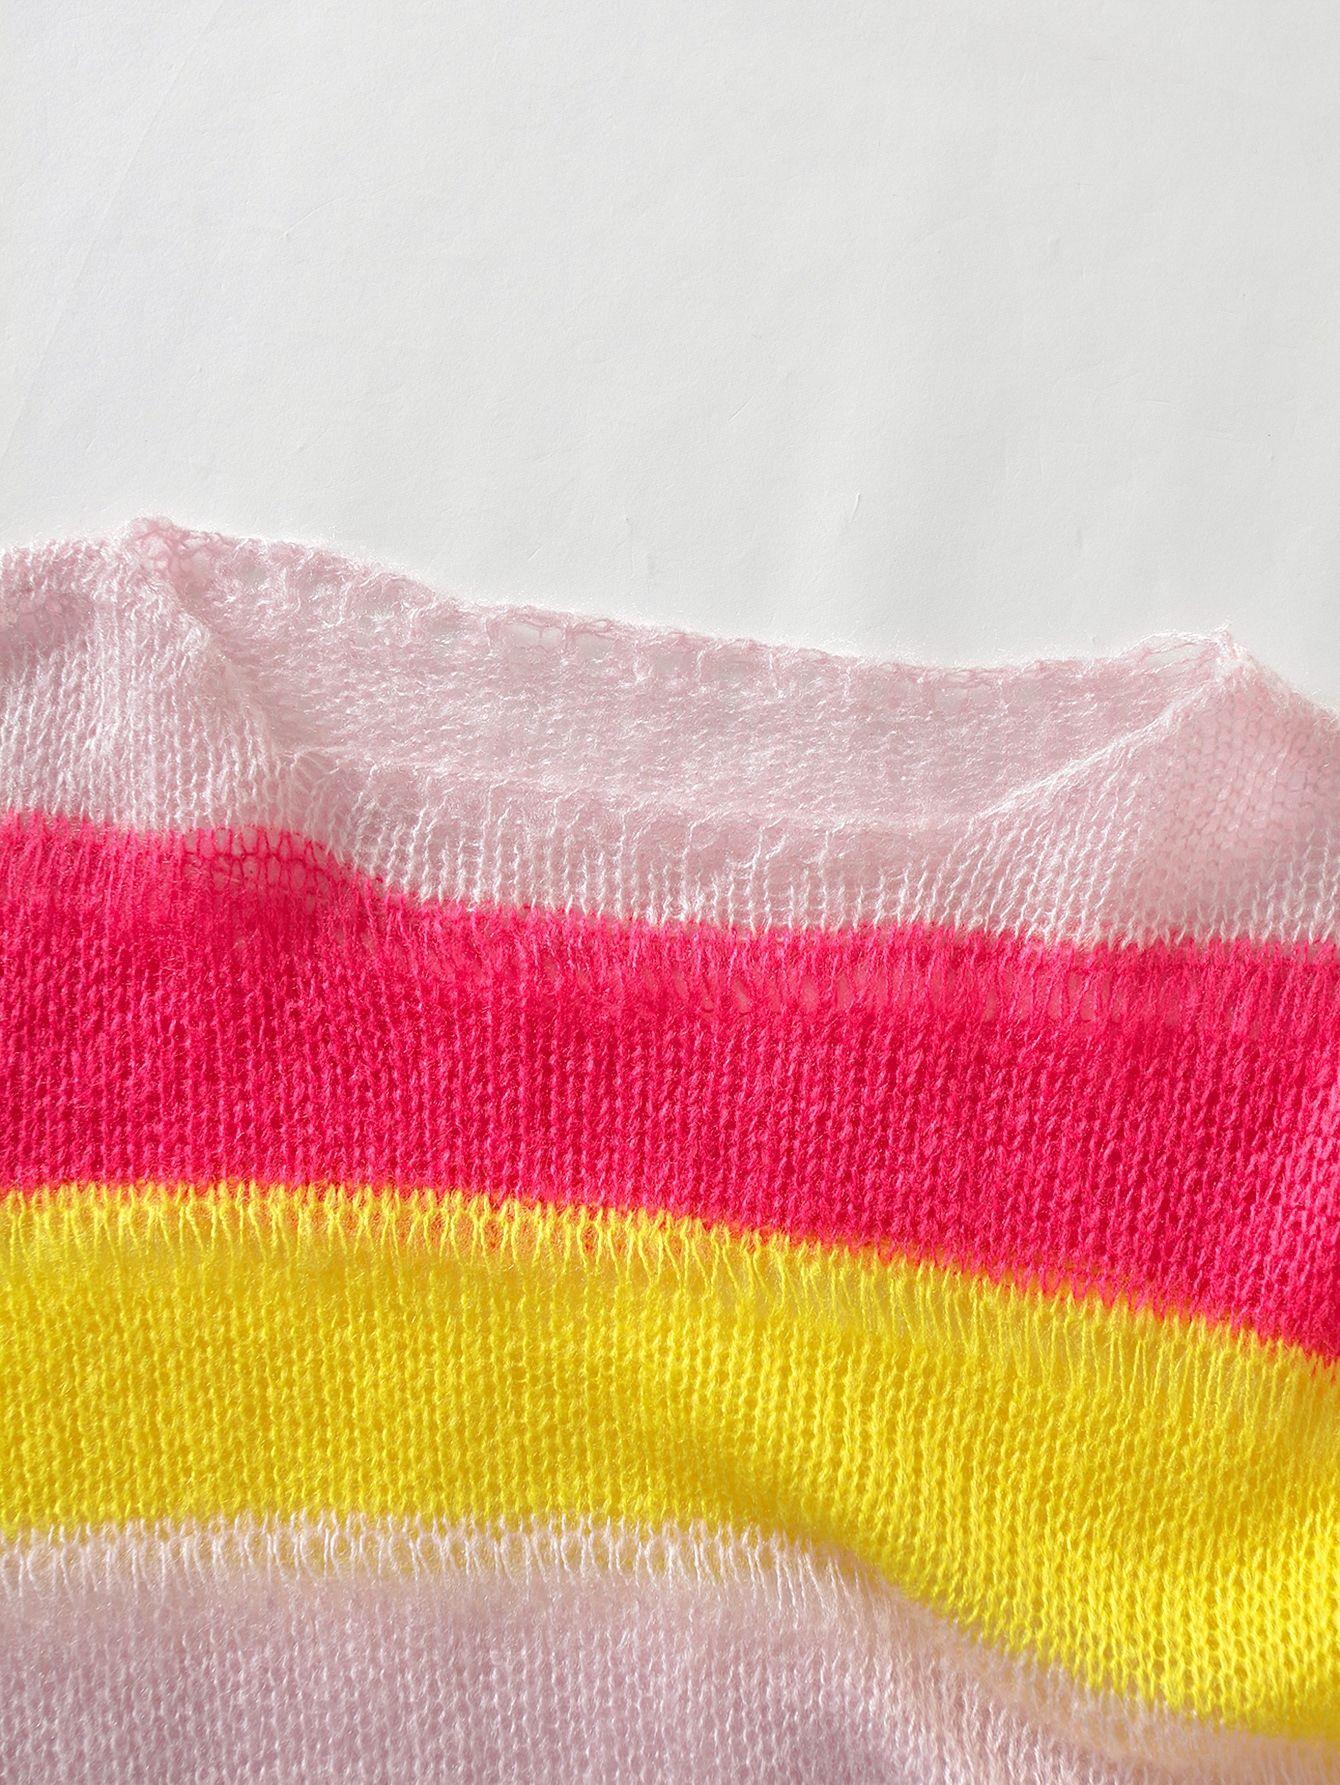 RbGfv одежда Q3422-корейских женщин a9aSp женщин осень / зима Новый ленивый круглый радуги шею свитер полосатый свитер длинный рукав для 2020